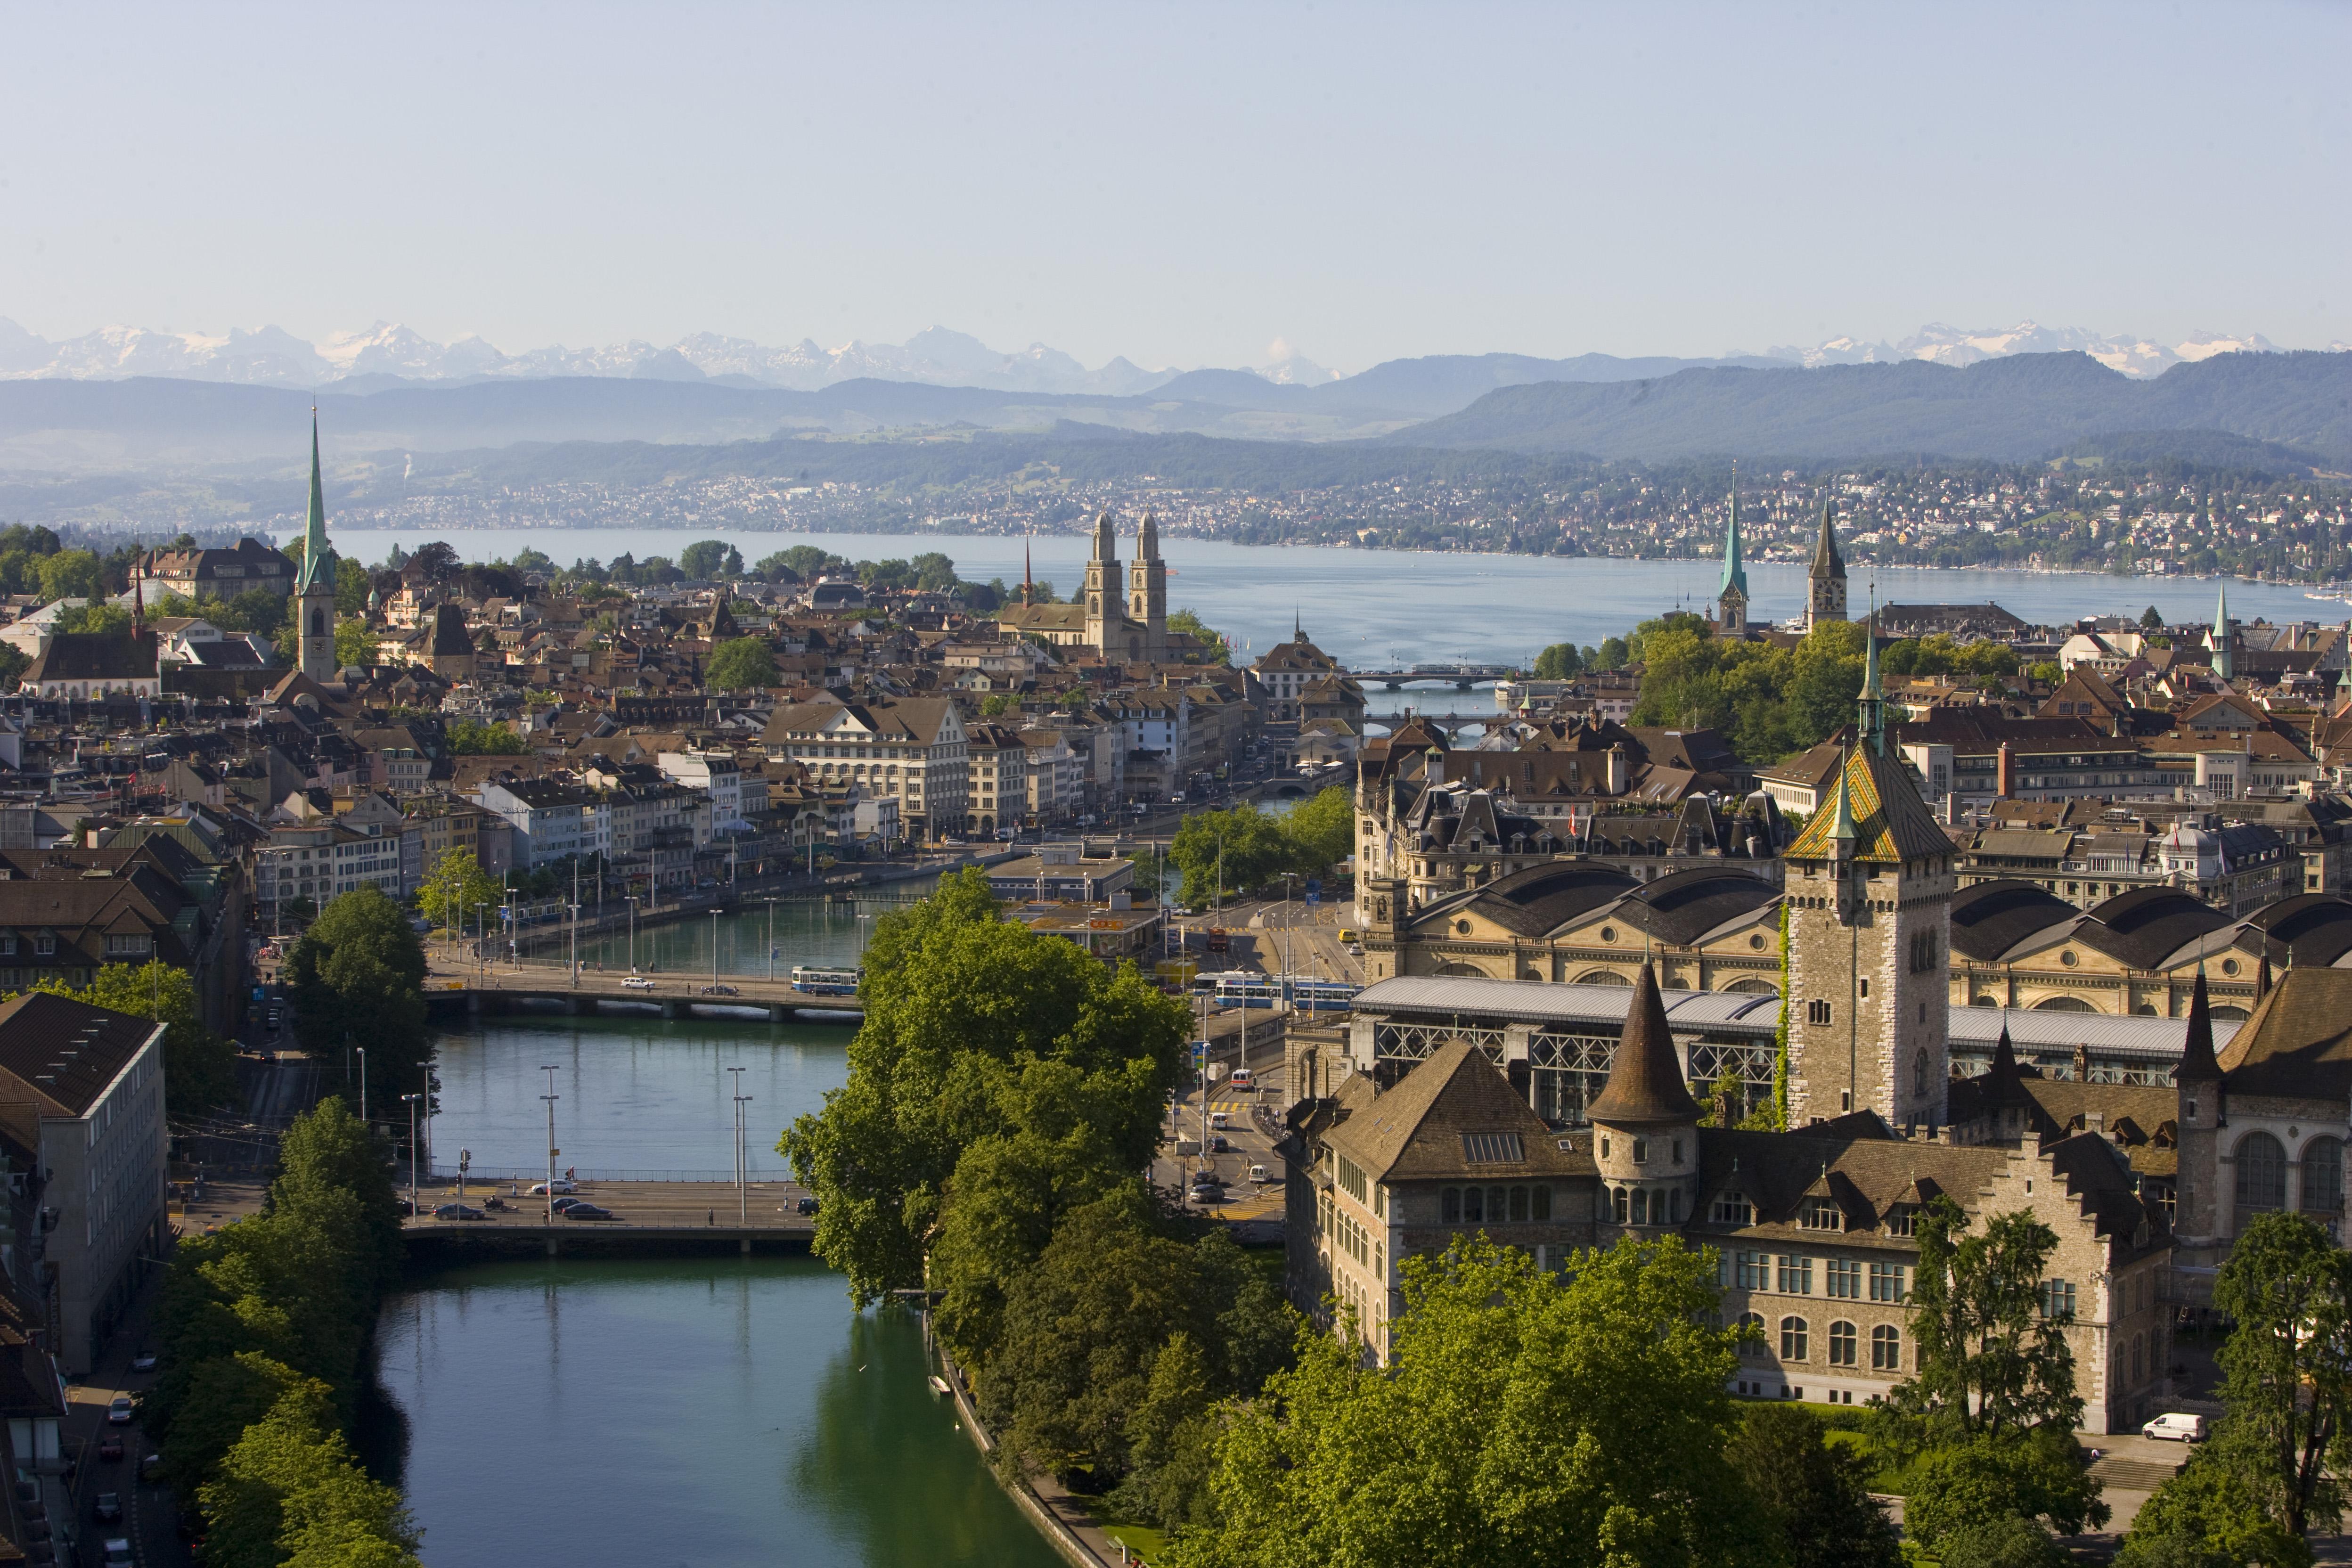 Zurich banking centre